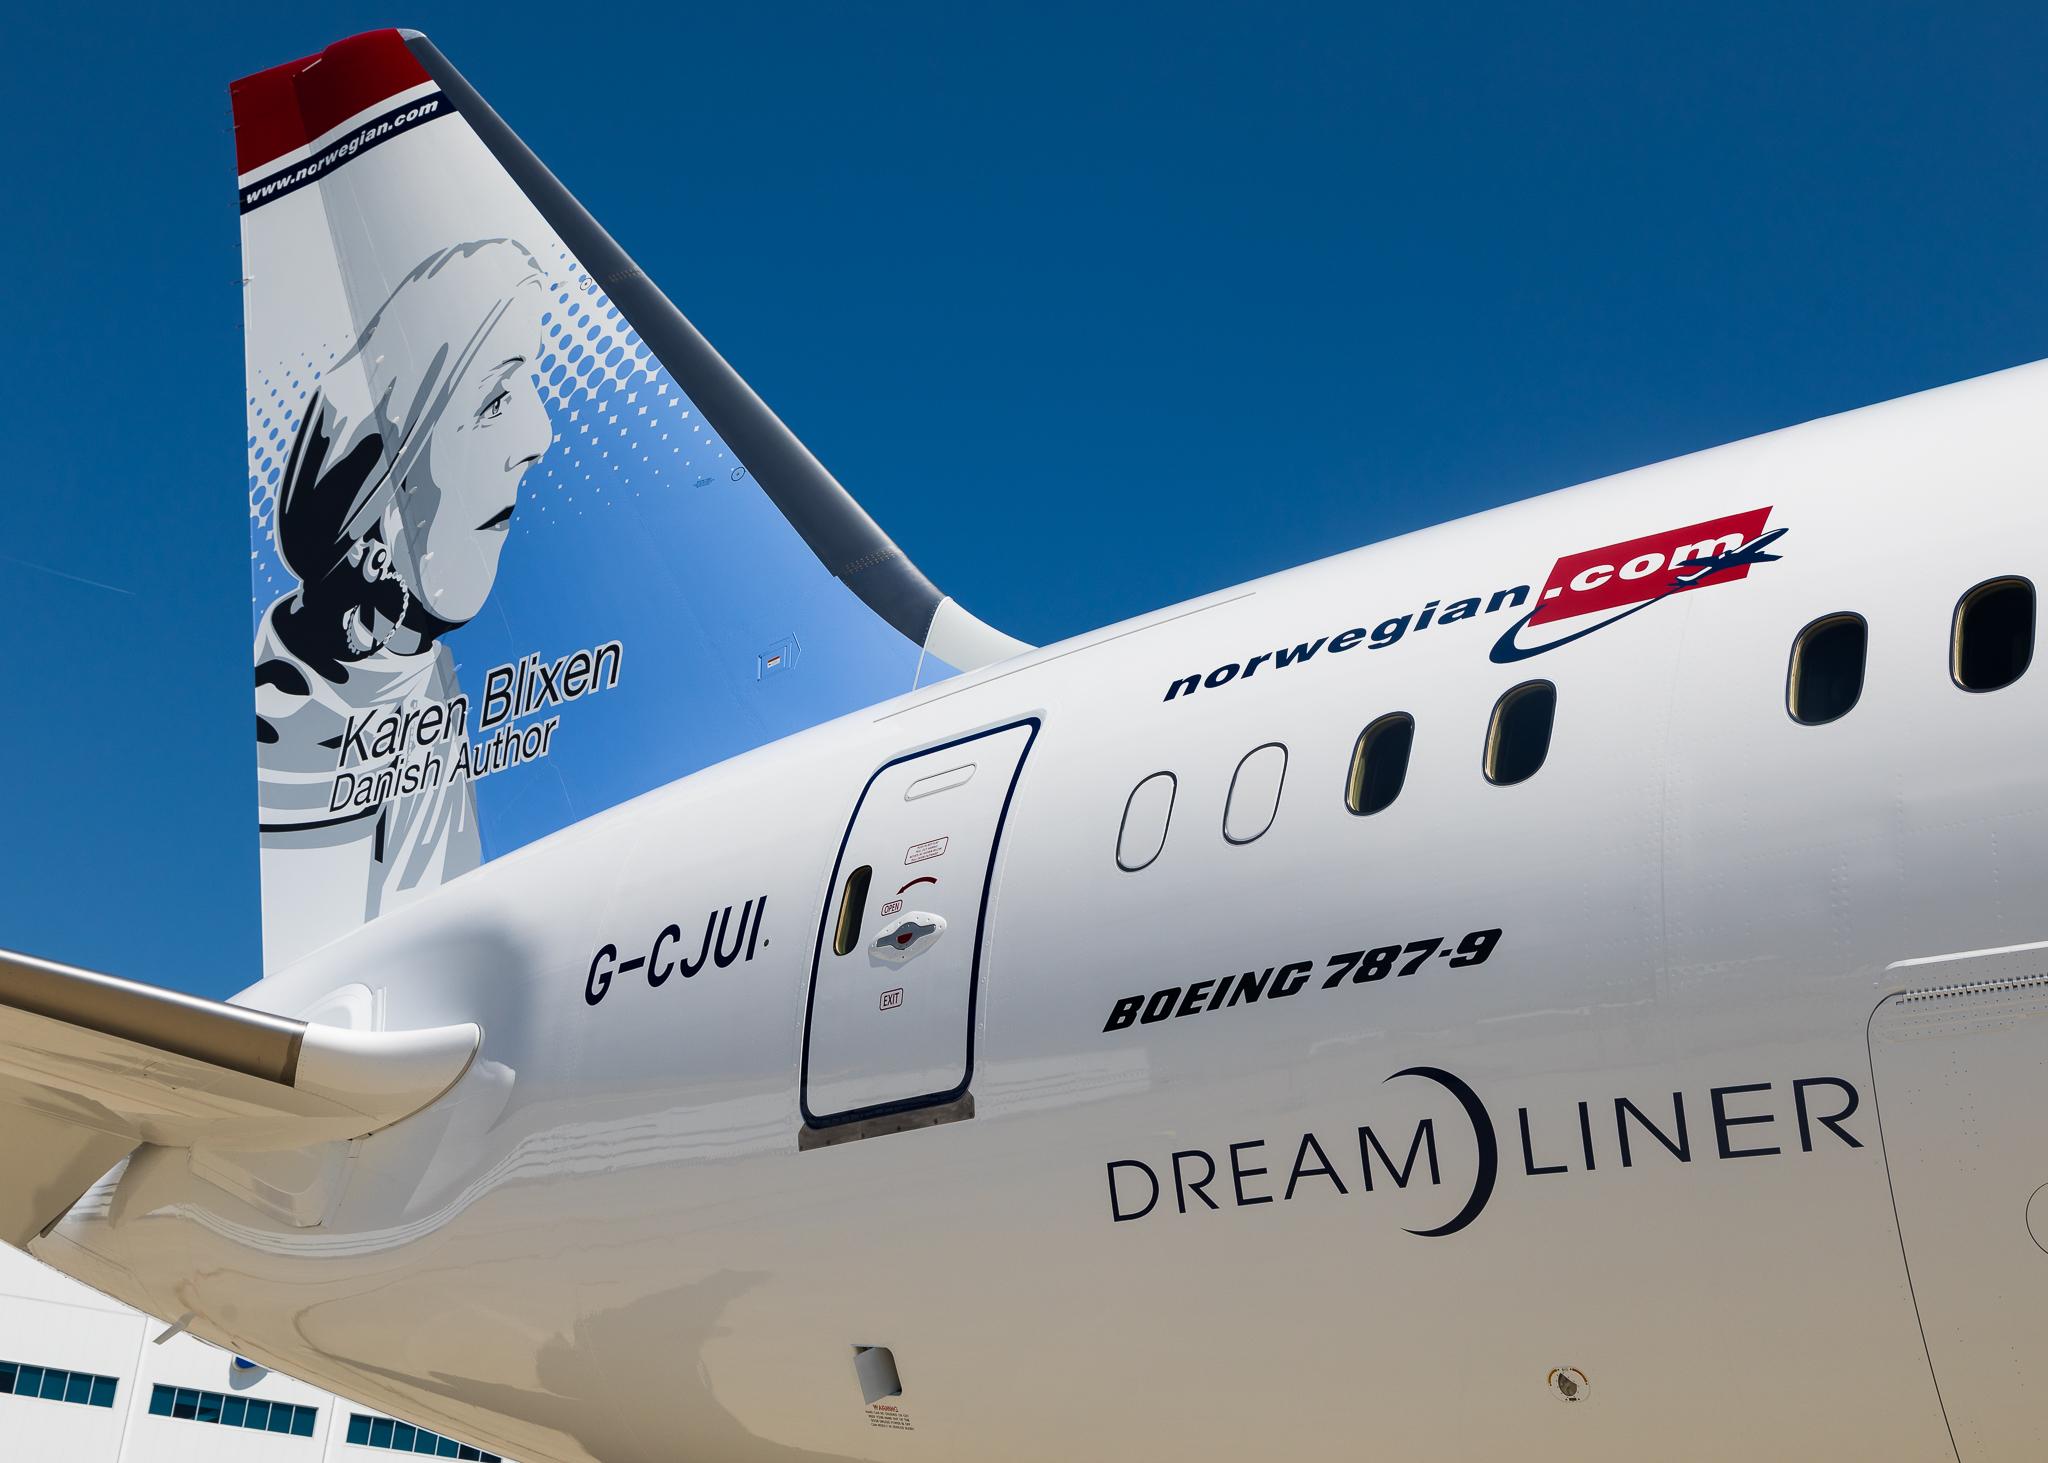 Karen Blixen pryder halen på et Boeing 787-9 Dreamliner-fly fra Norwegian. (Foto: Norwegian)